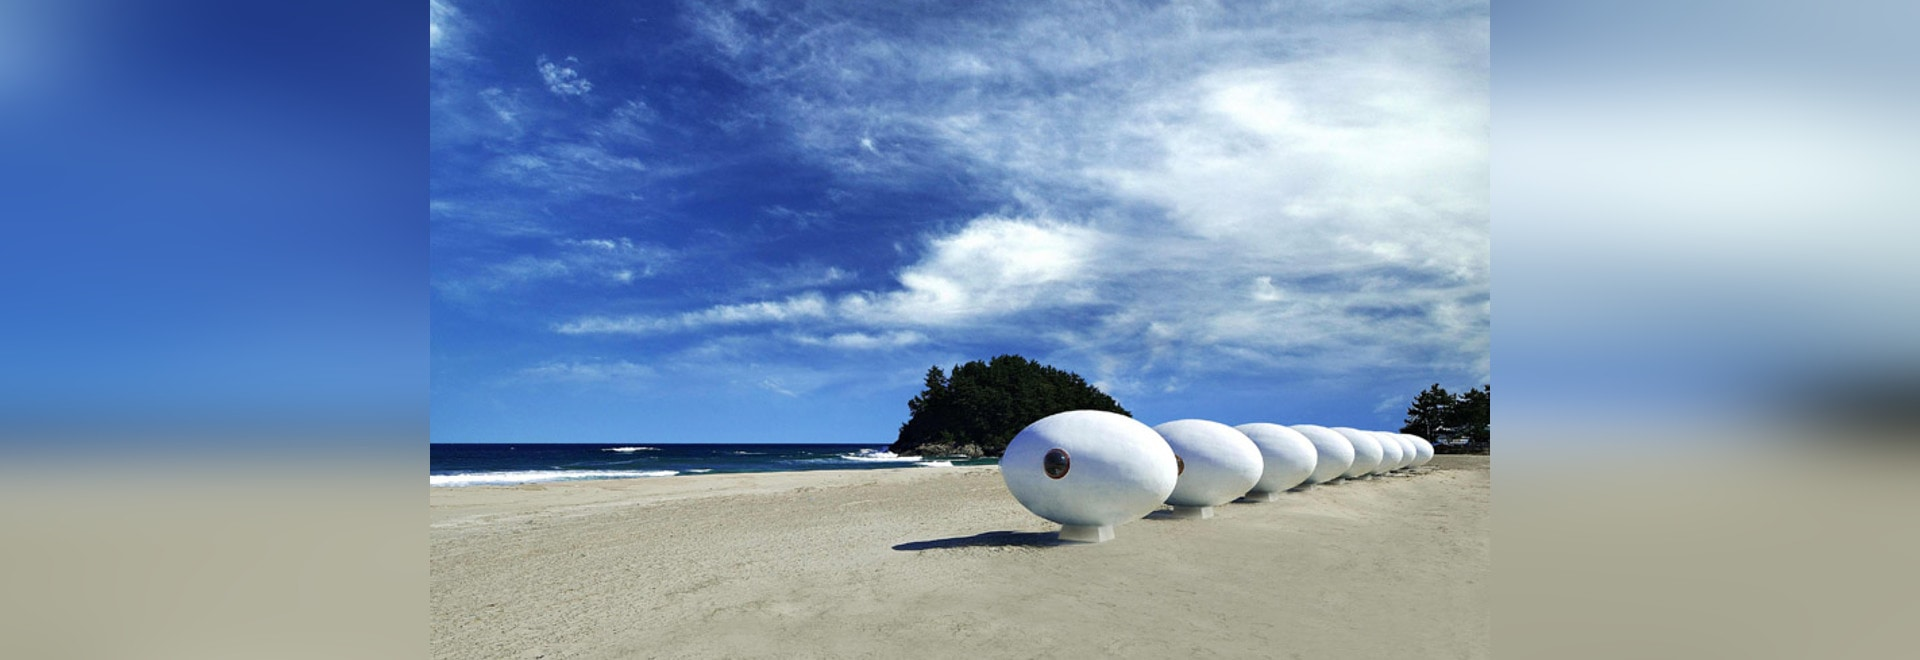 Mobile egg-shaped beach huts installed along a South Korean shoreline